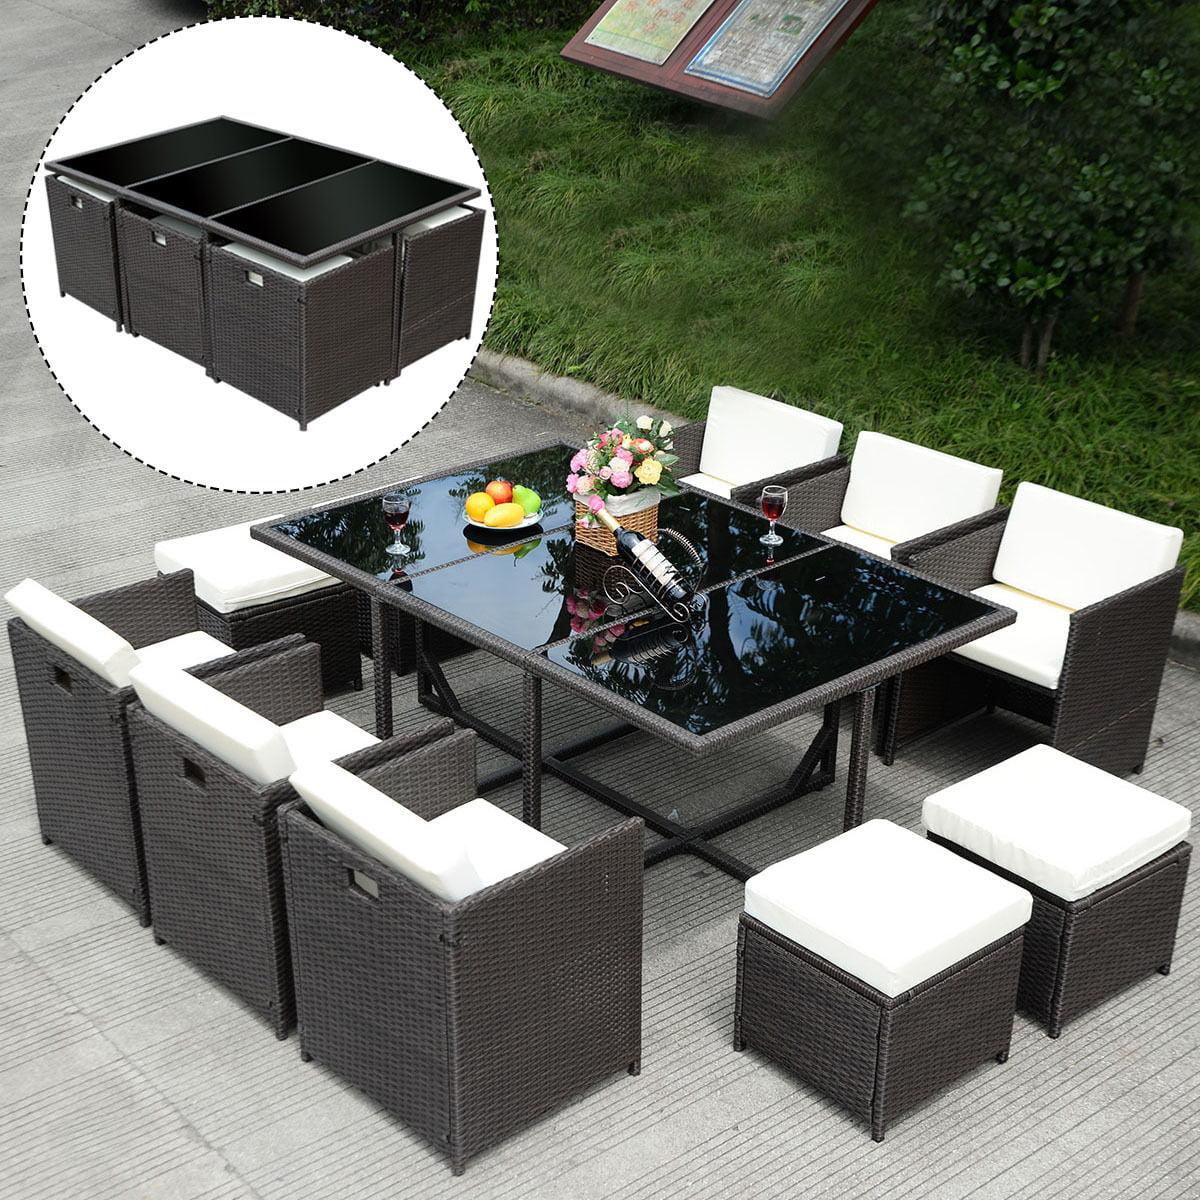 Costway 11pcs Outdoor Patio Dining Set Metal Rattan Wicker Garden